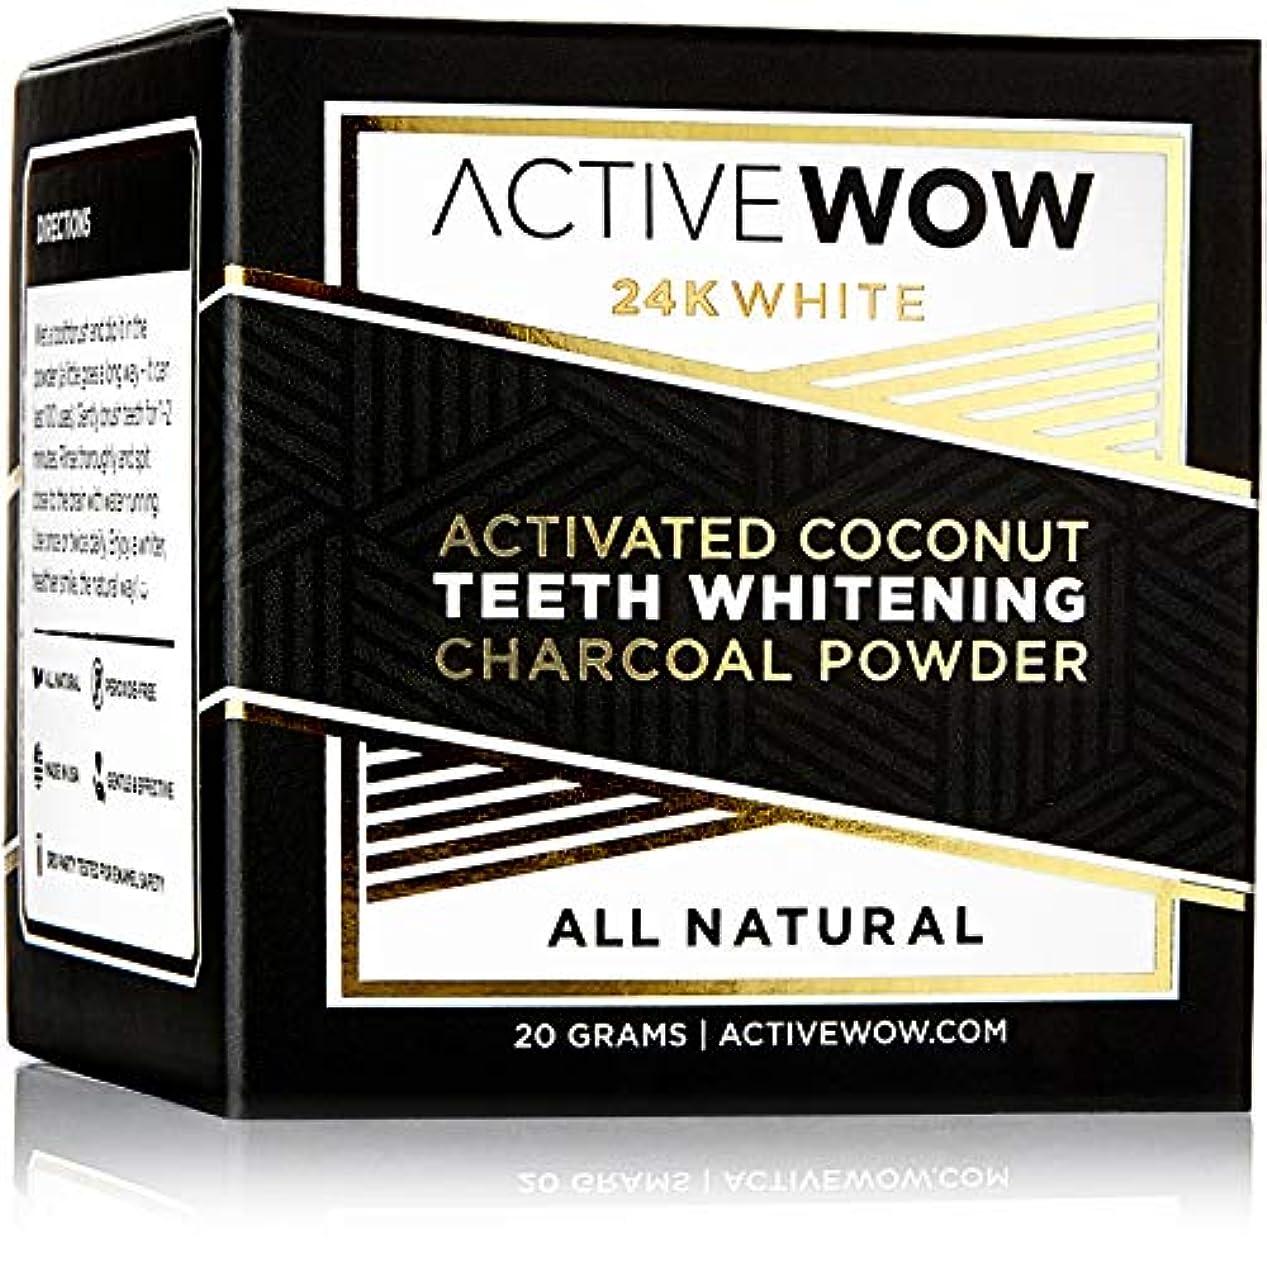 製造ラップトップキラウエア山アクティブワオ (Active Wow) 歯のホワイトニングチャコールパウダー [海外直送品] (ナチュラル)